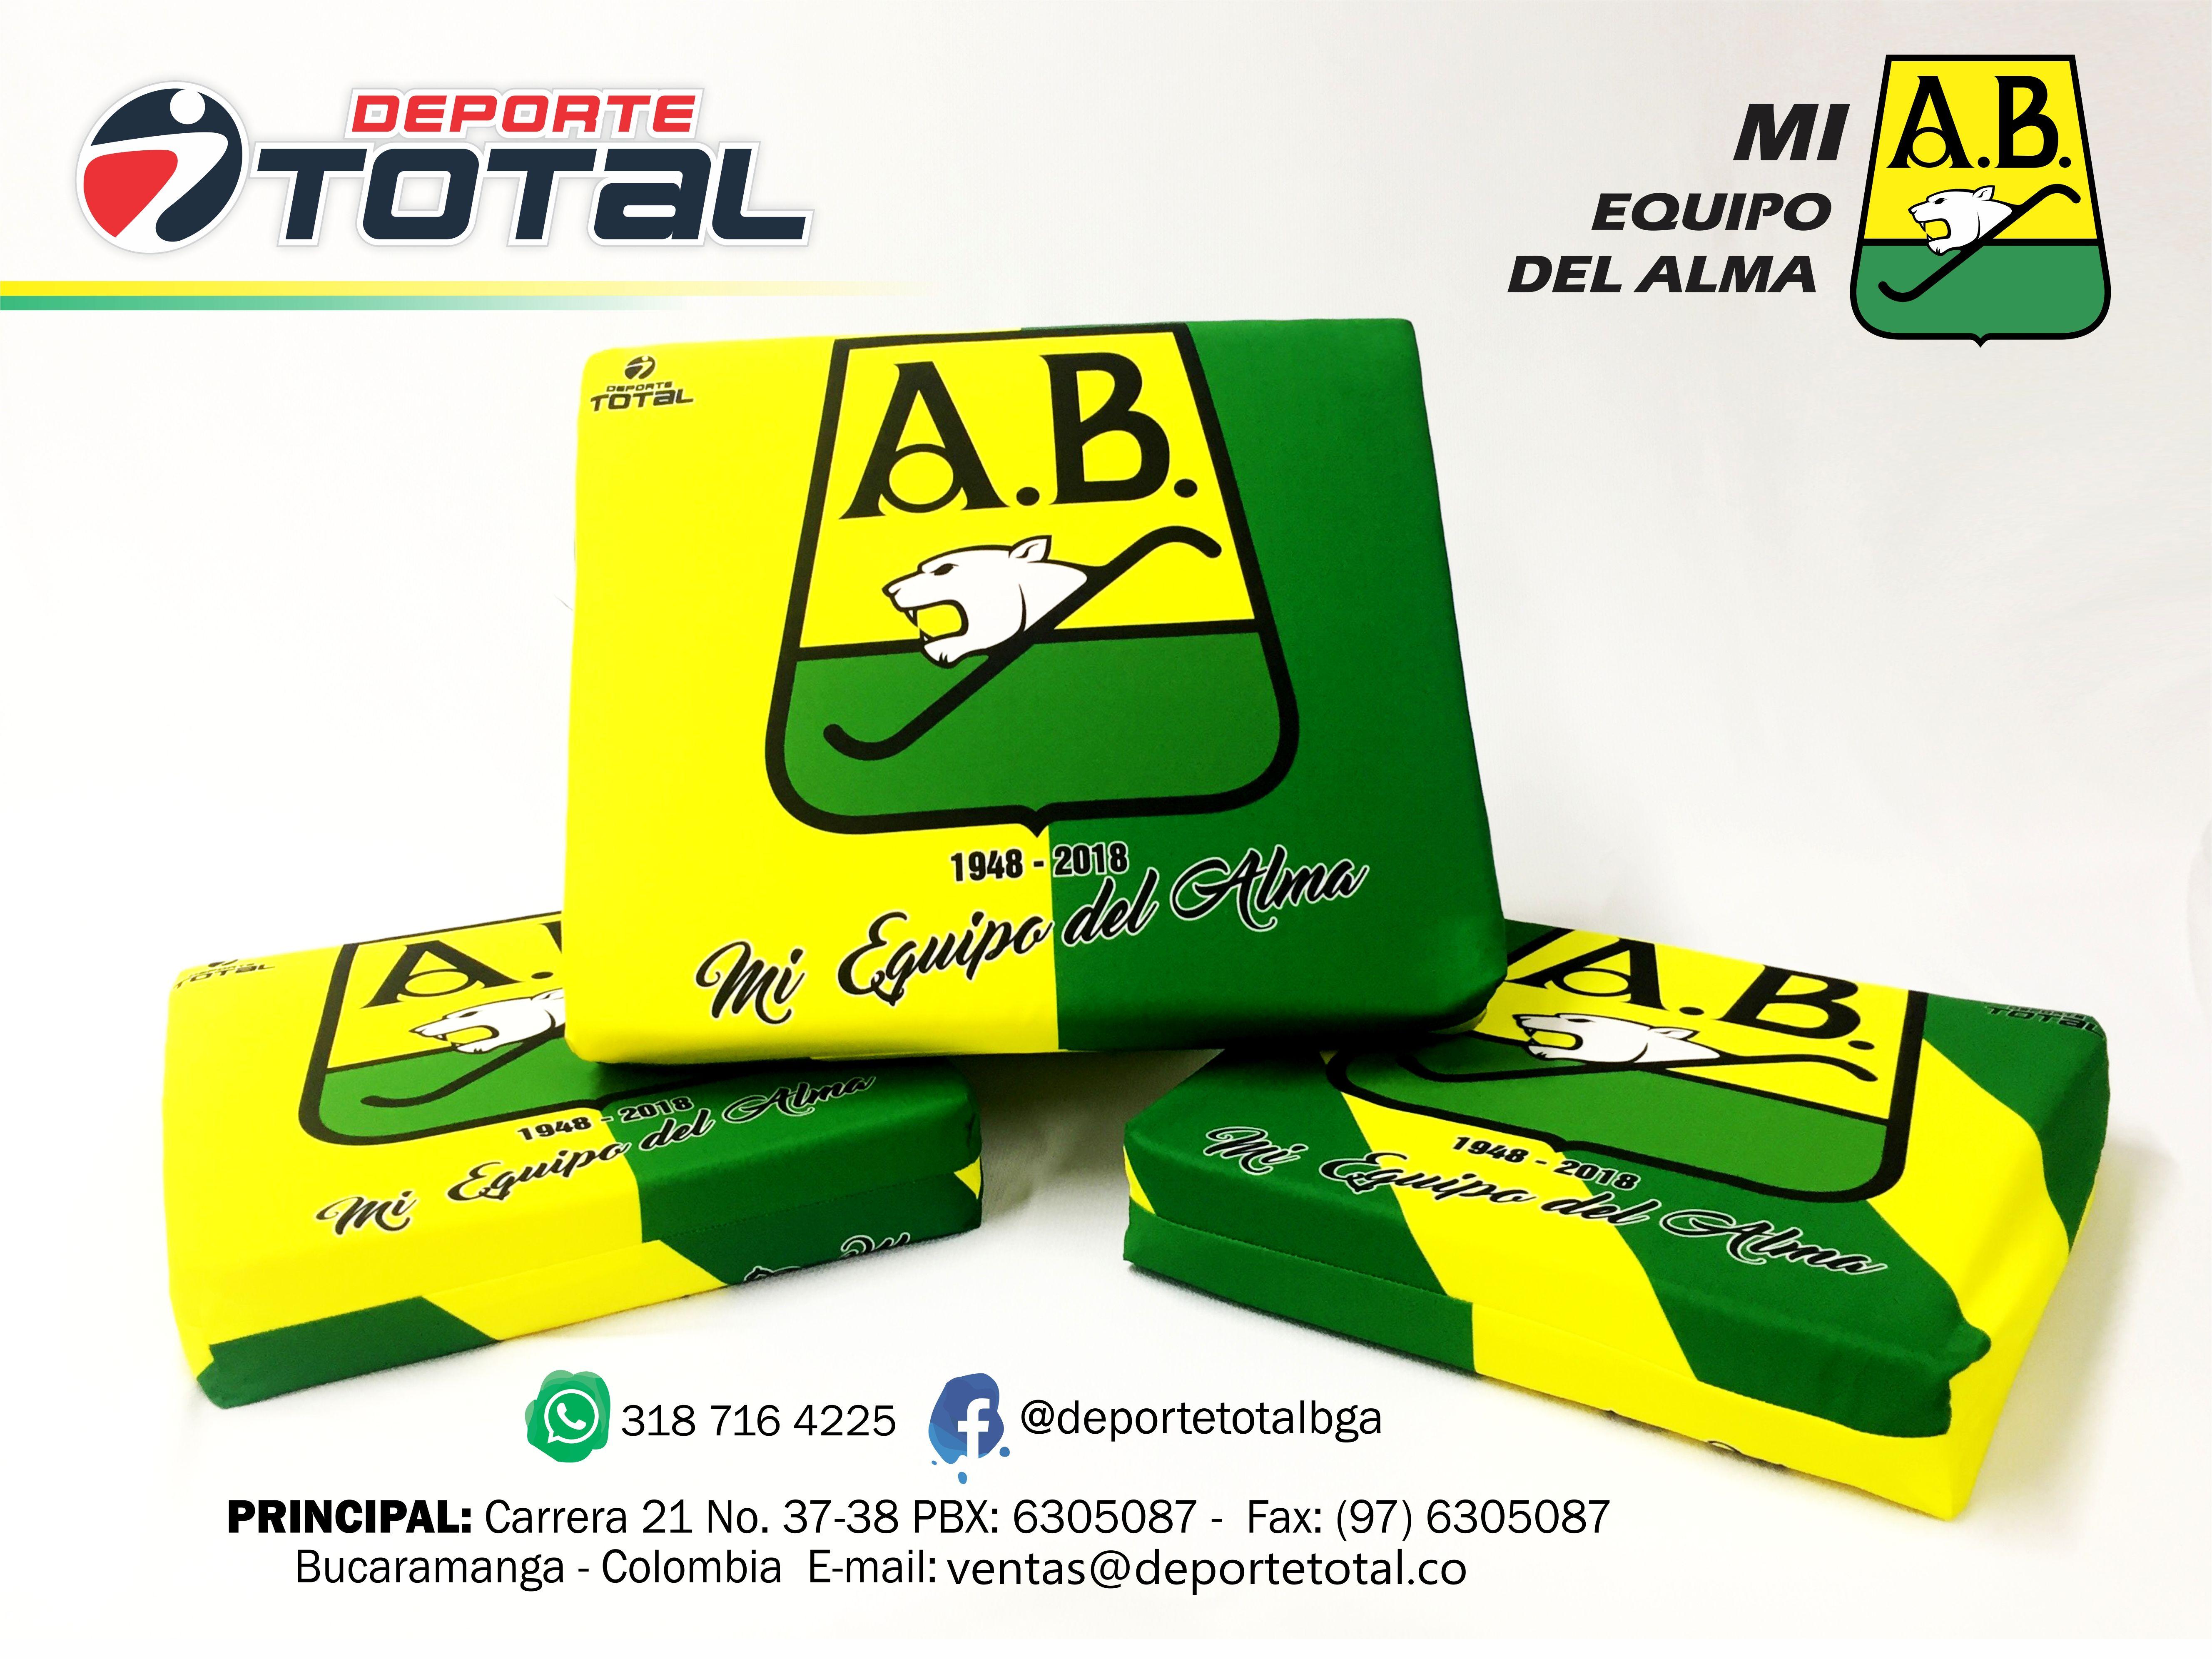 Cojin Atletico Bucaramanga Deporte Total Tienda Deportiva Colombia Deportes Articulos Deportivos Atleta